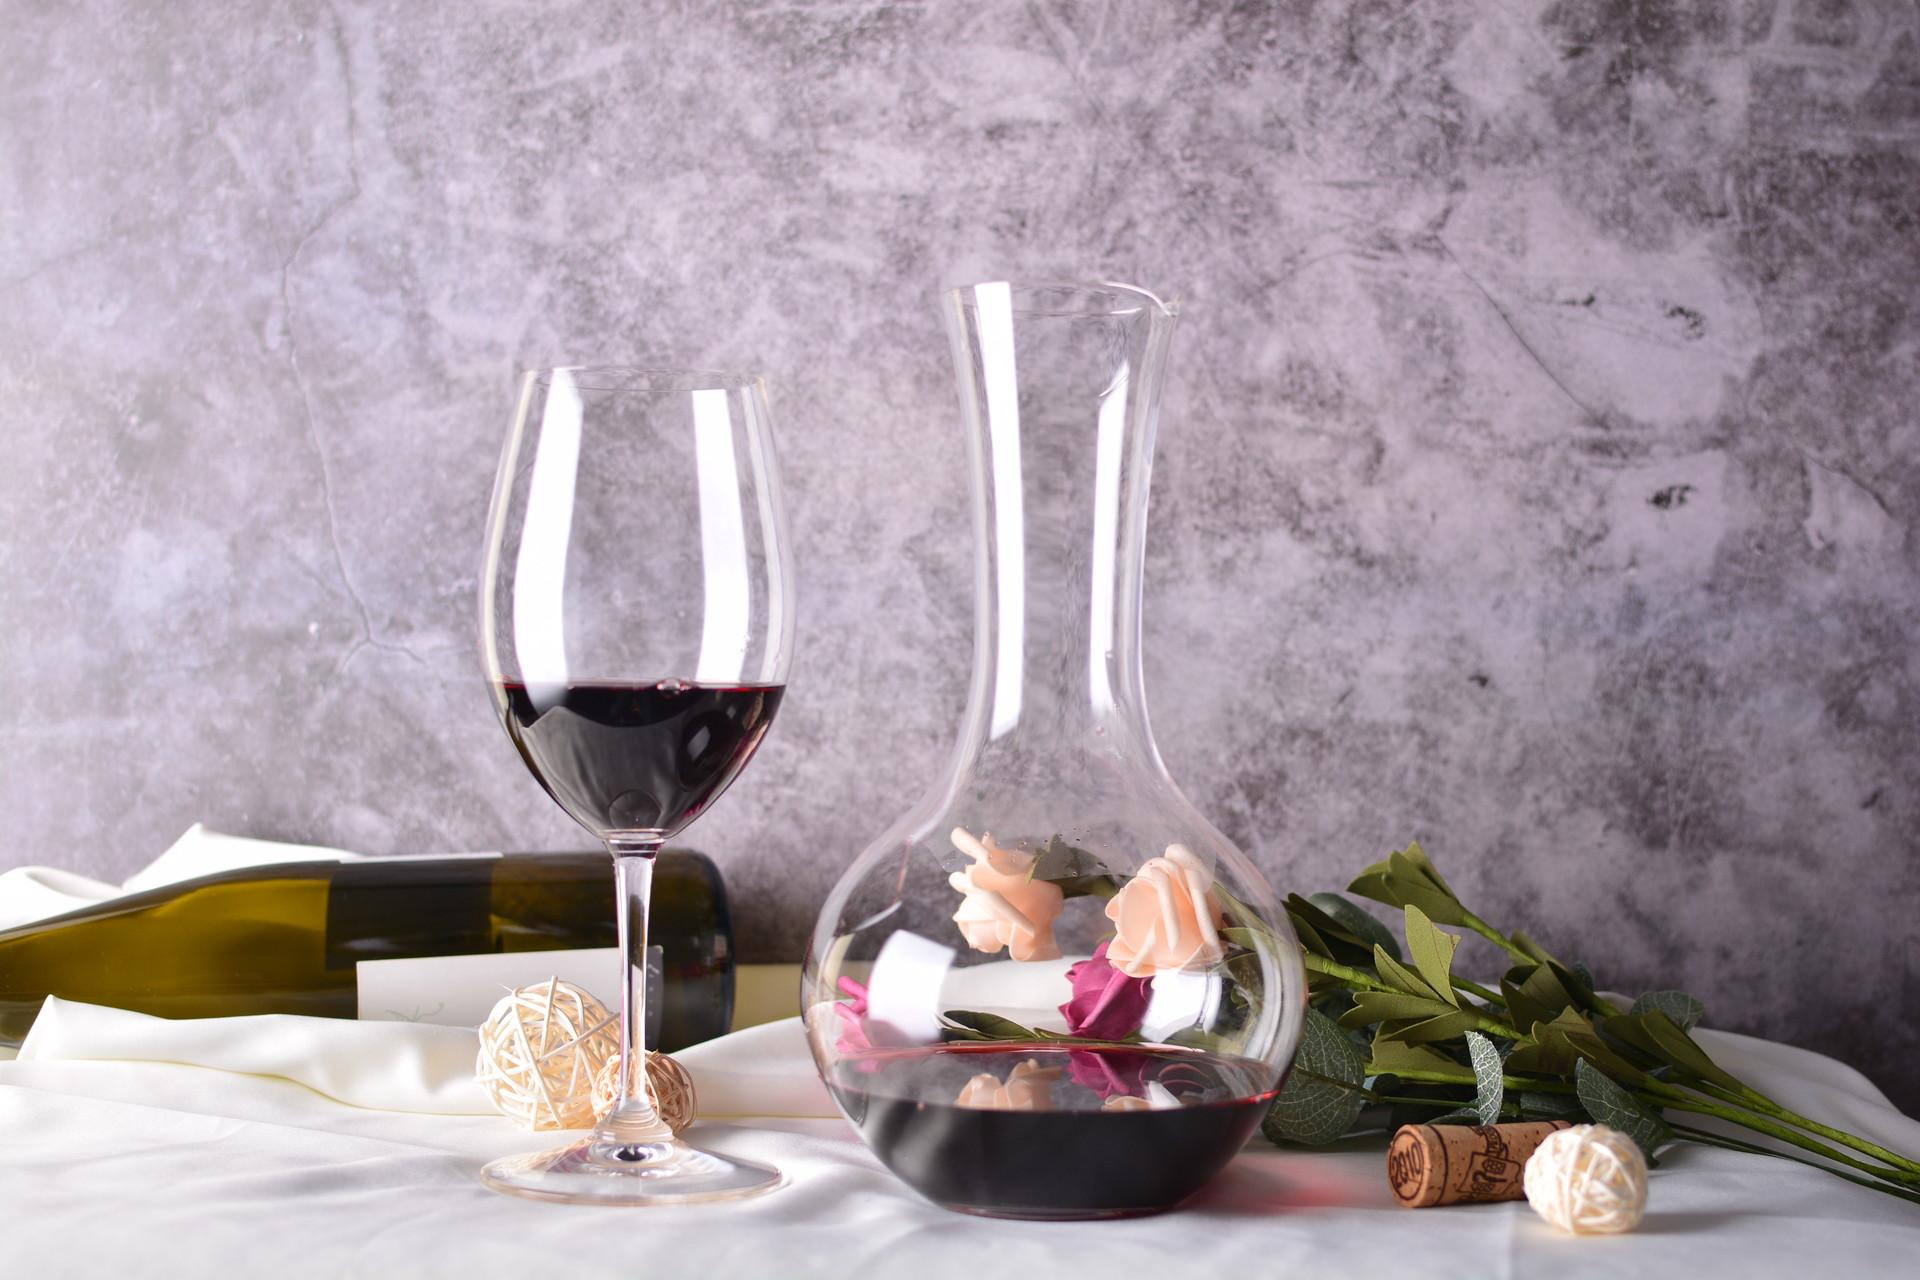 2007年份玛尔卡森园黑皮诺红葡萄酒